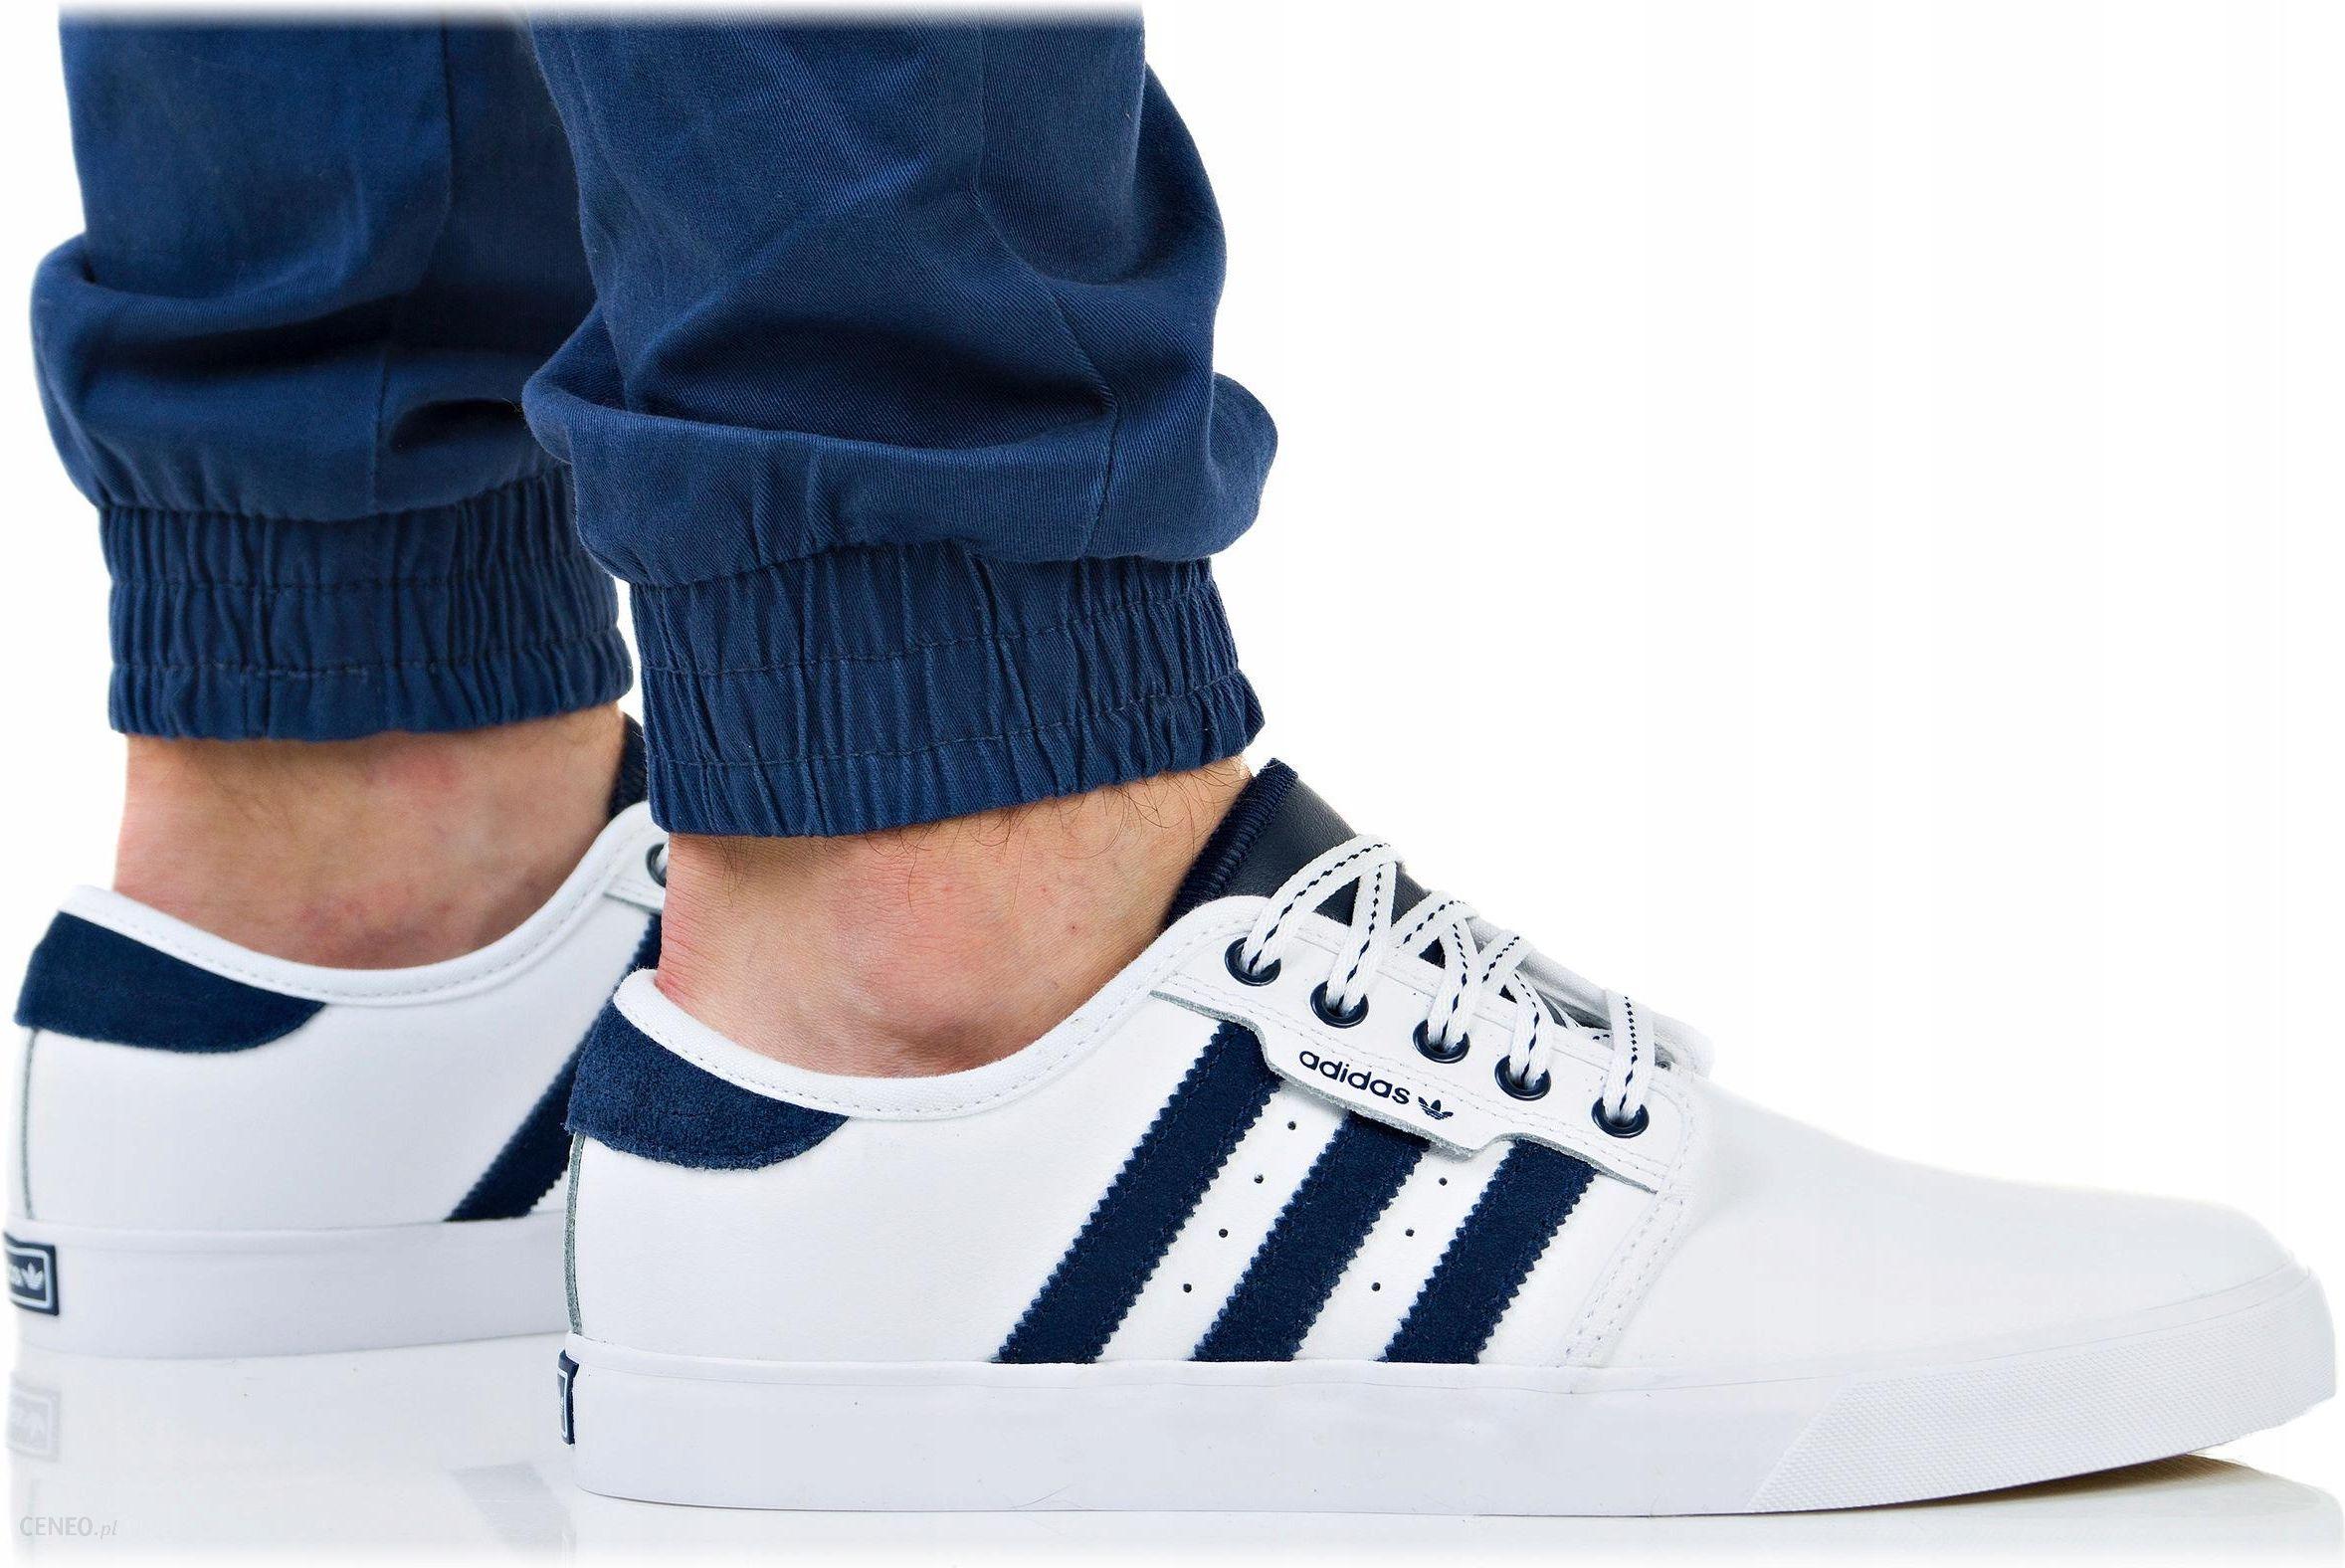 Buty Adidas Męskie Seeley B27787 Białe Trampki